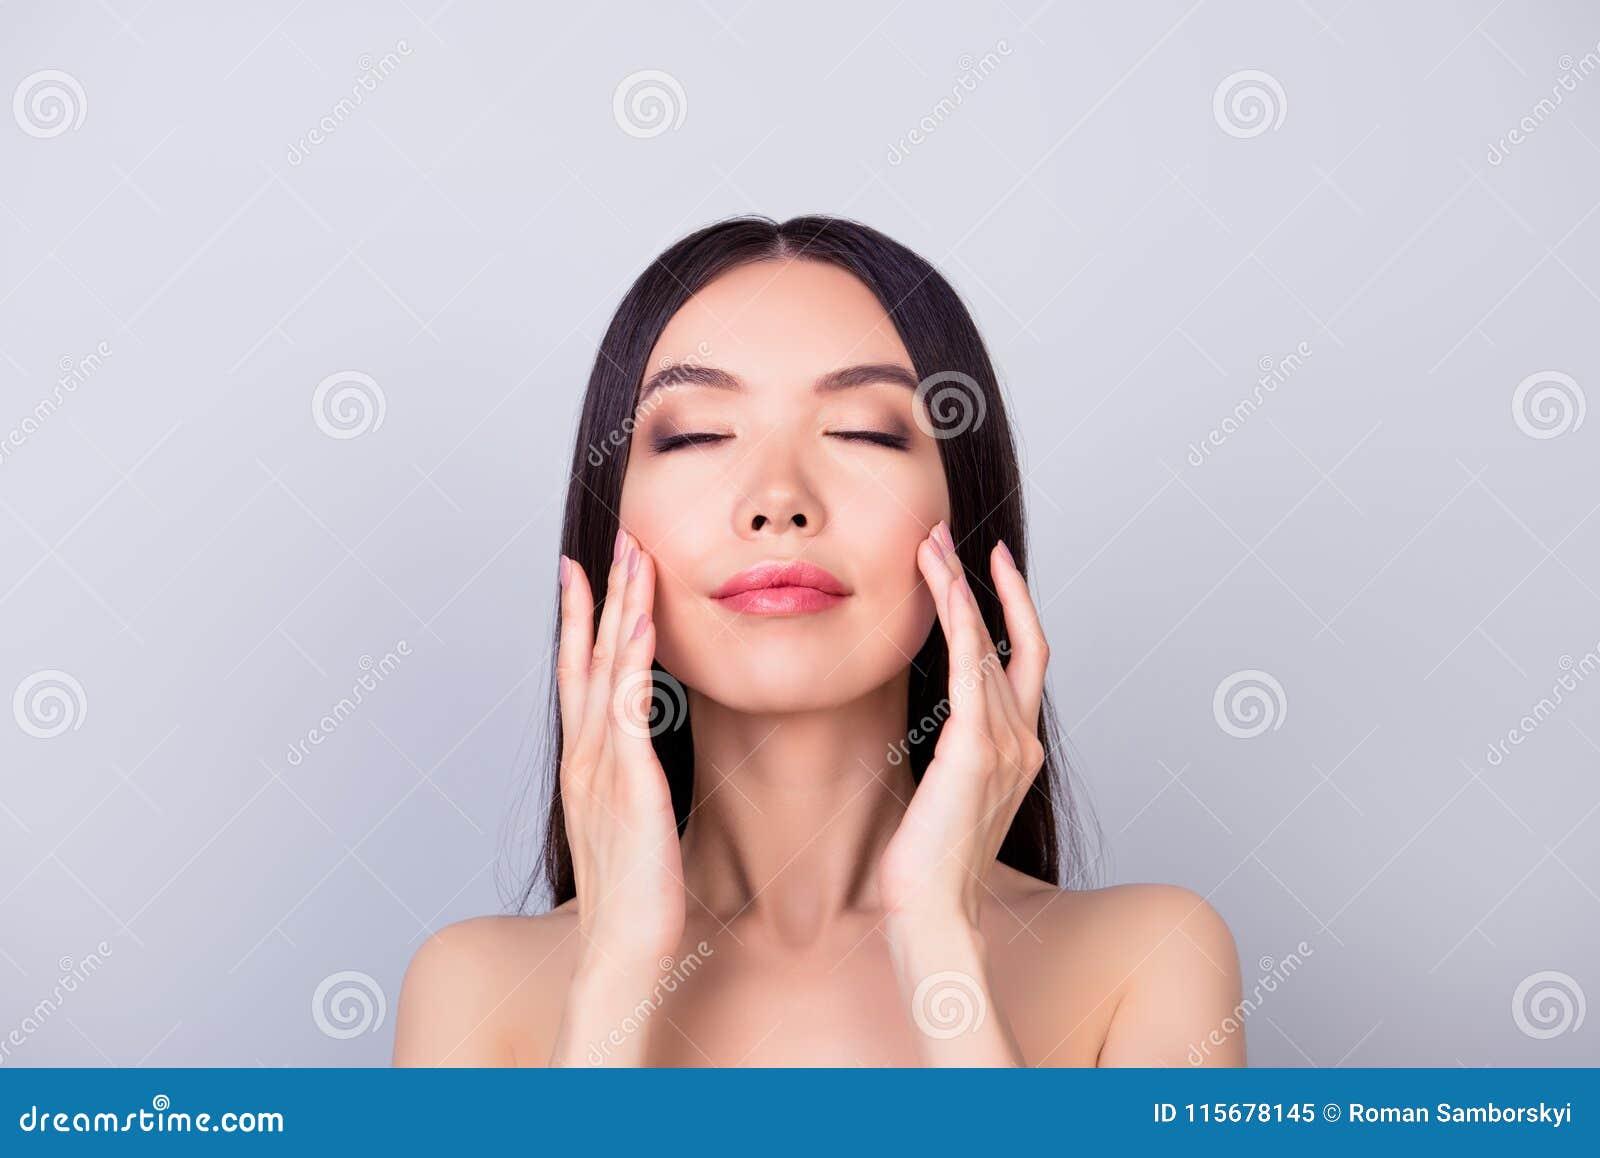 Åldras akne, finne, skrynklor, begrepp för oljig torr hud close upp